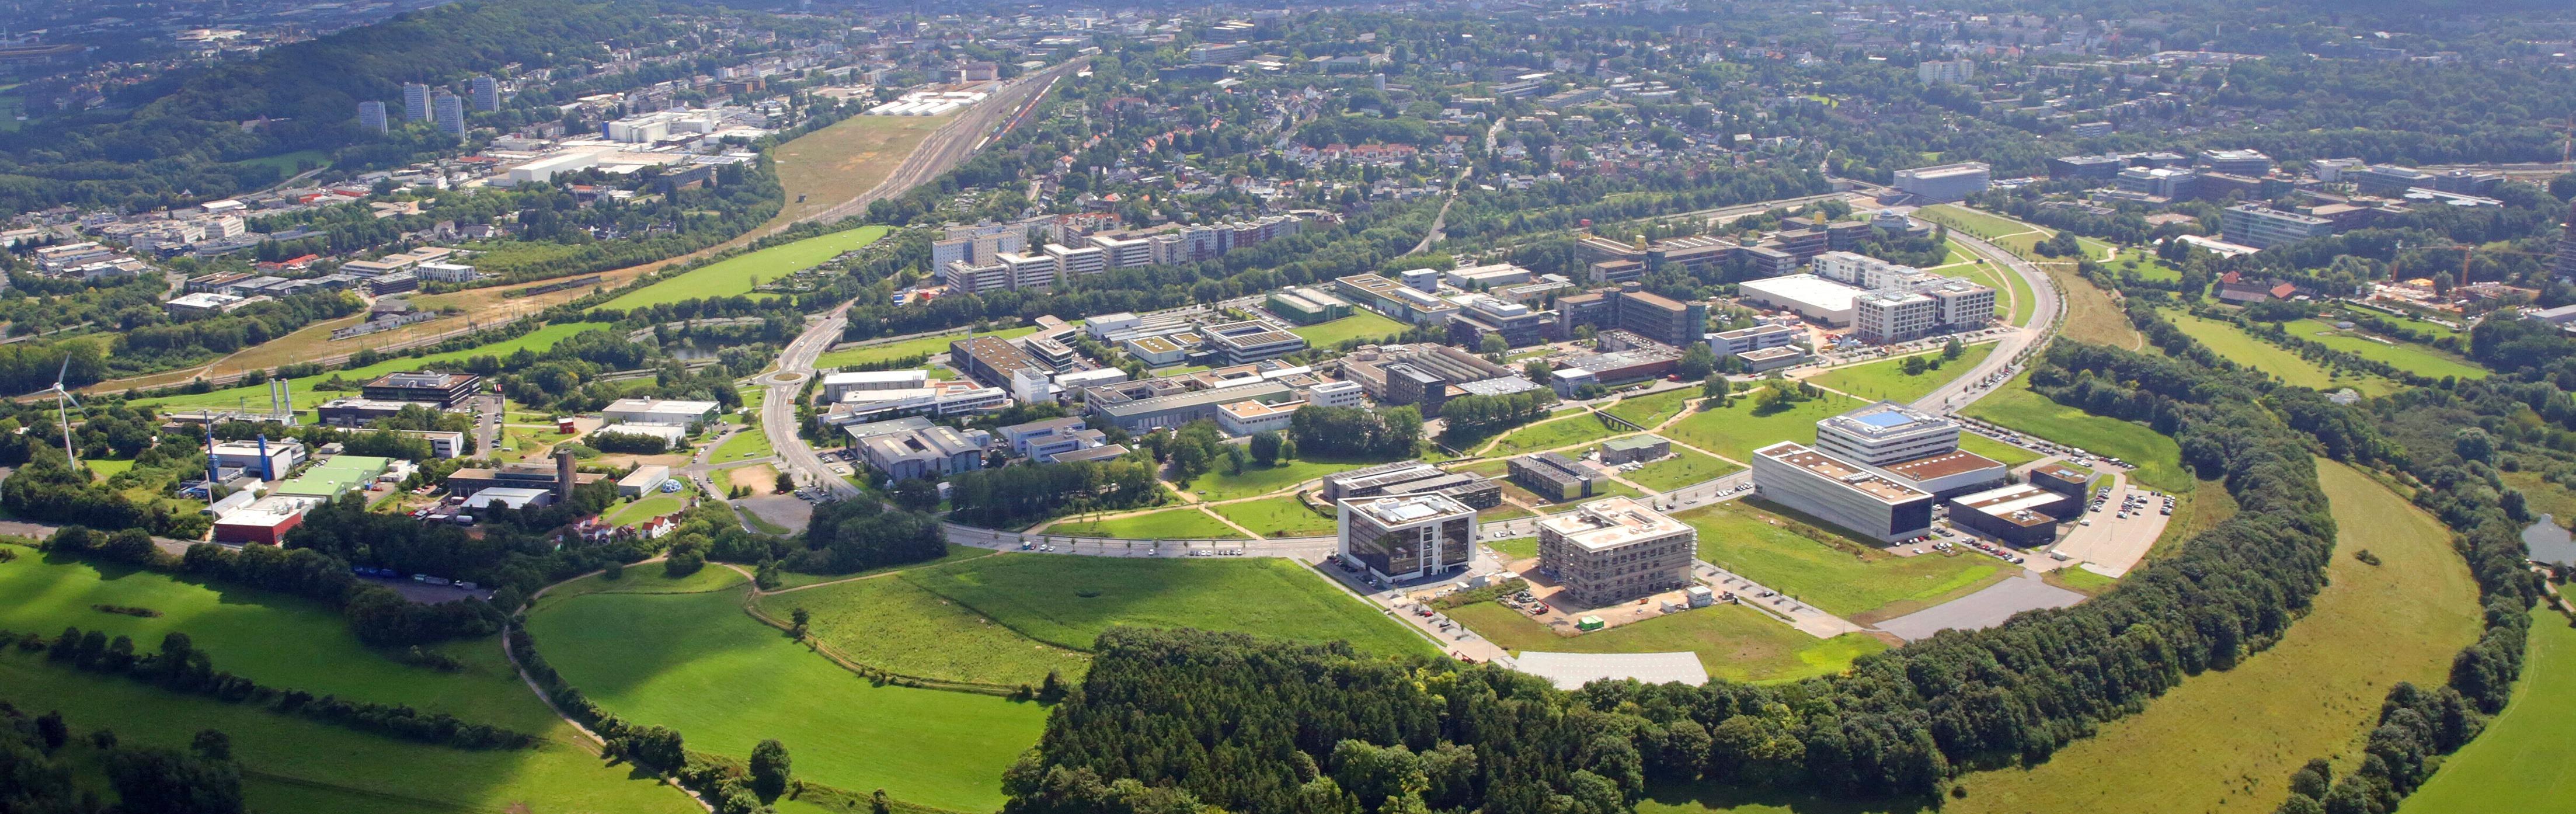 1608_Campus-Melaten_West